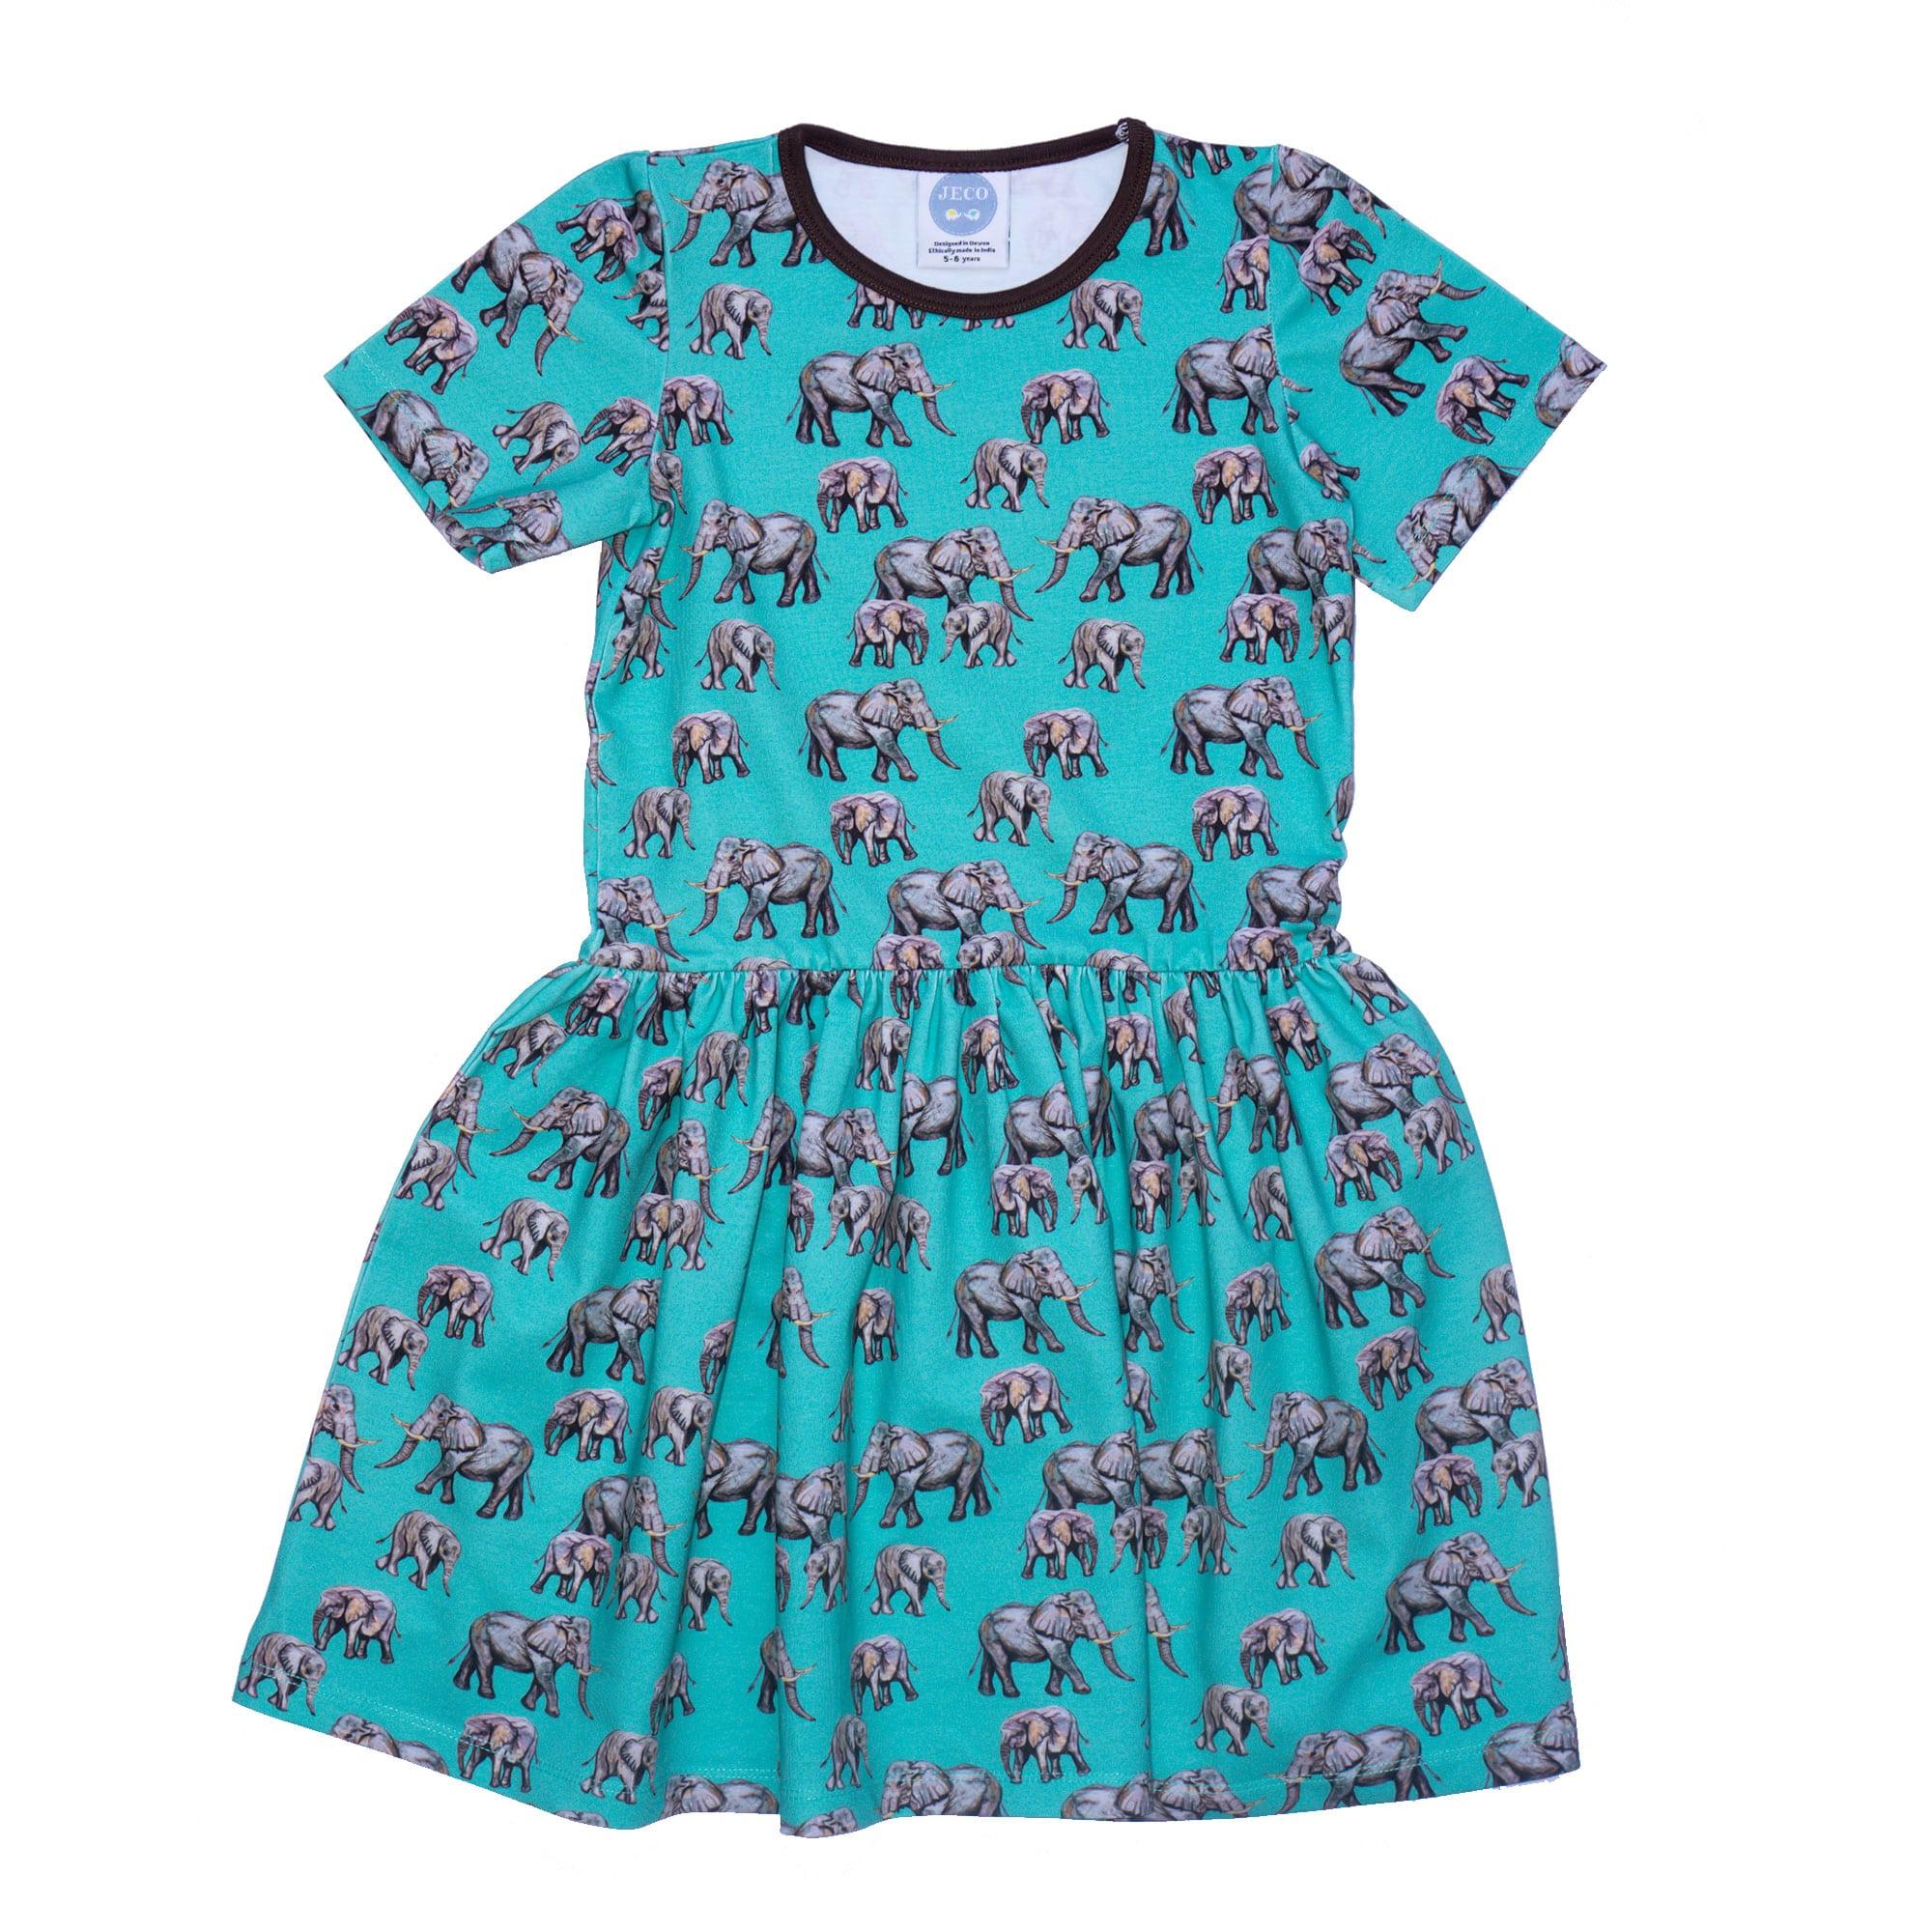 Aqua Elephant Dress